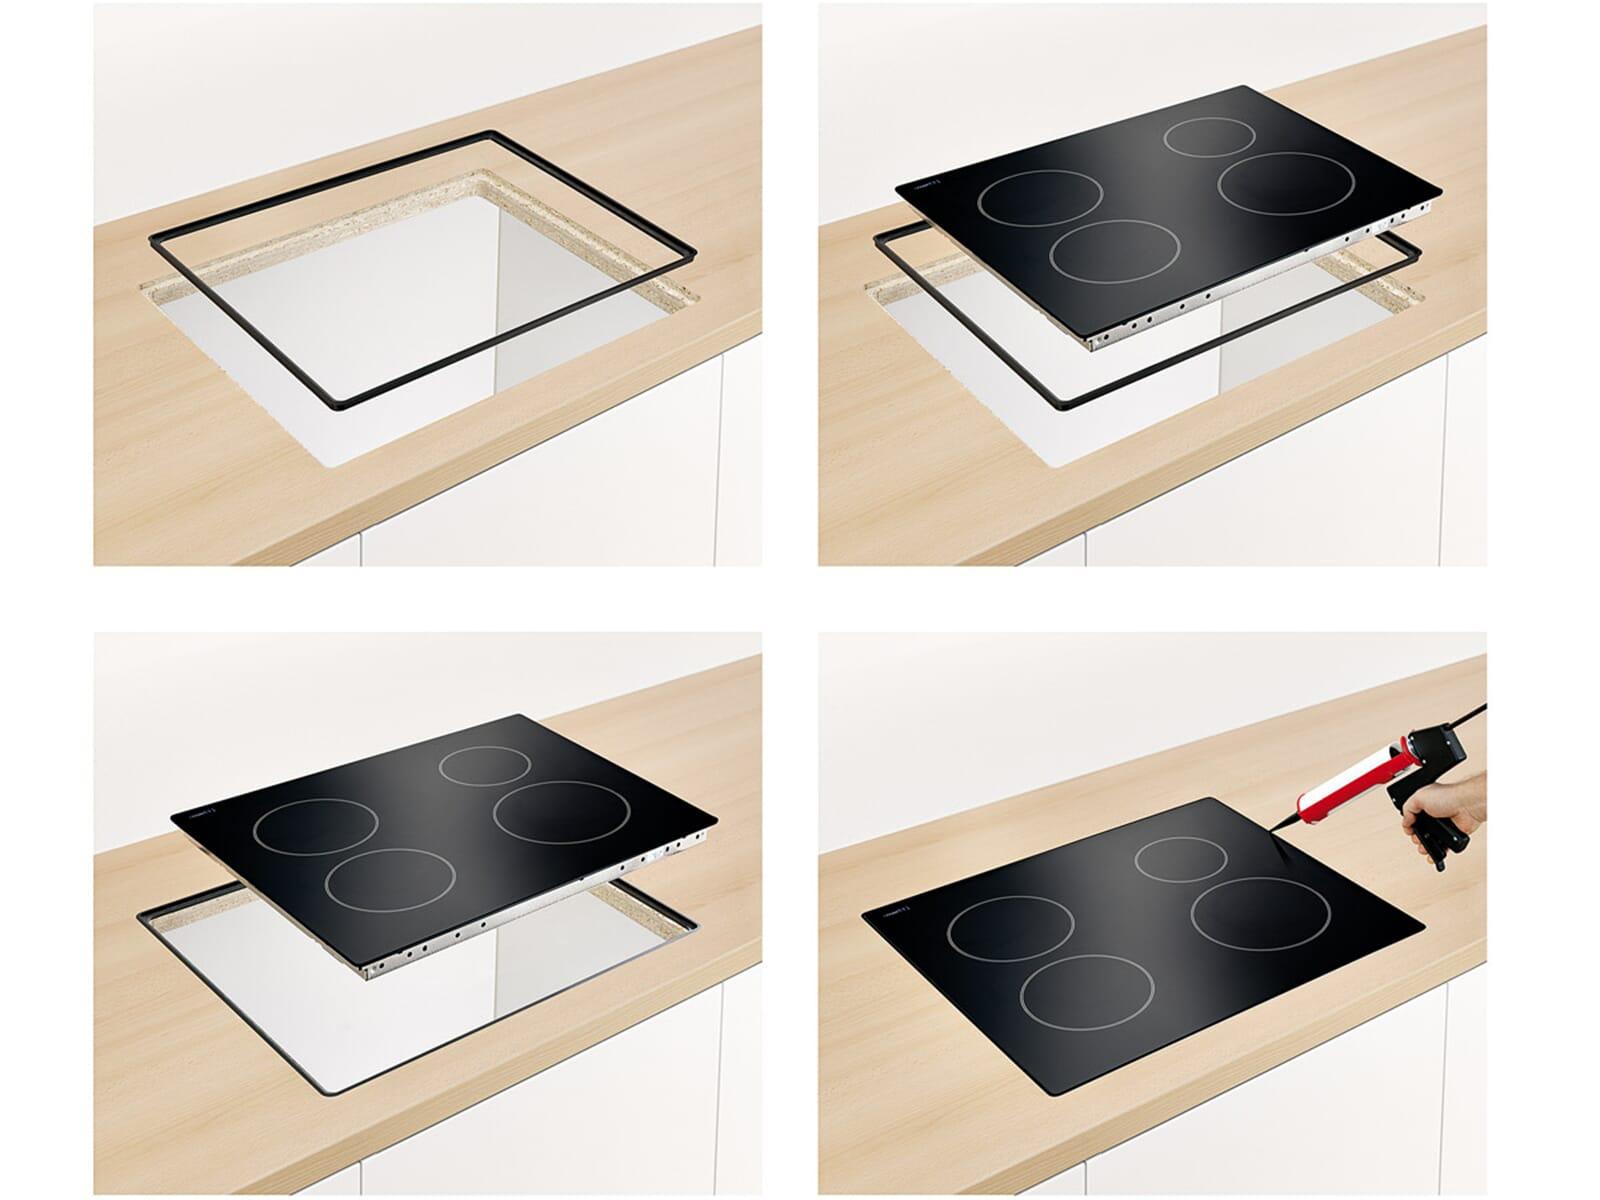 siemens hz395800 einbaurahmen 80 cm f r 218 90 eur. Black Bedroom Furniture Sets. Home Design Ideas